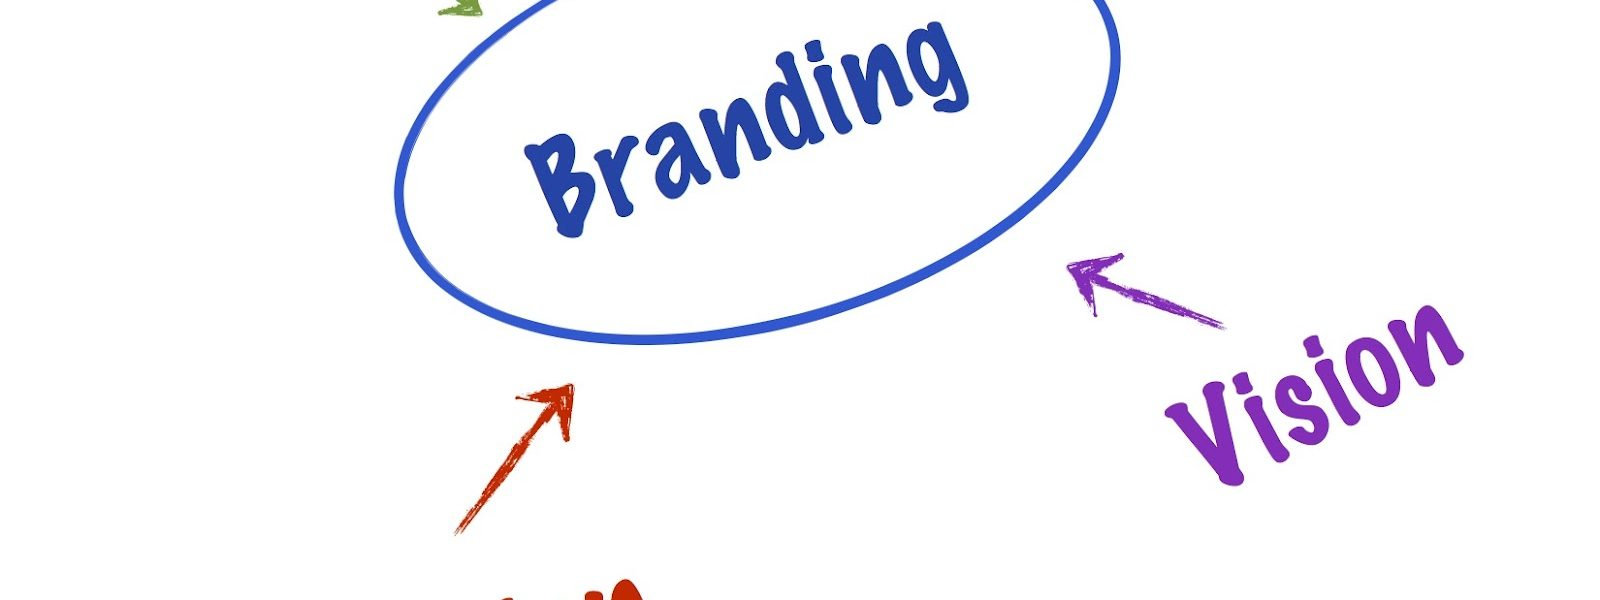 Who Desires A Corporate Logo Design?